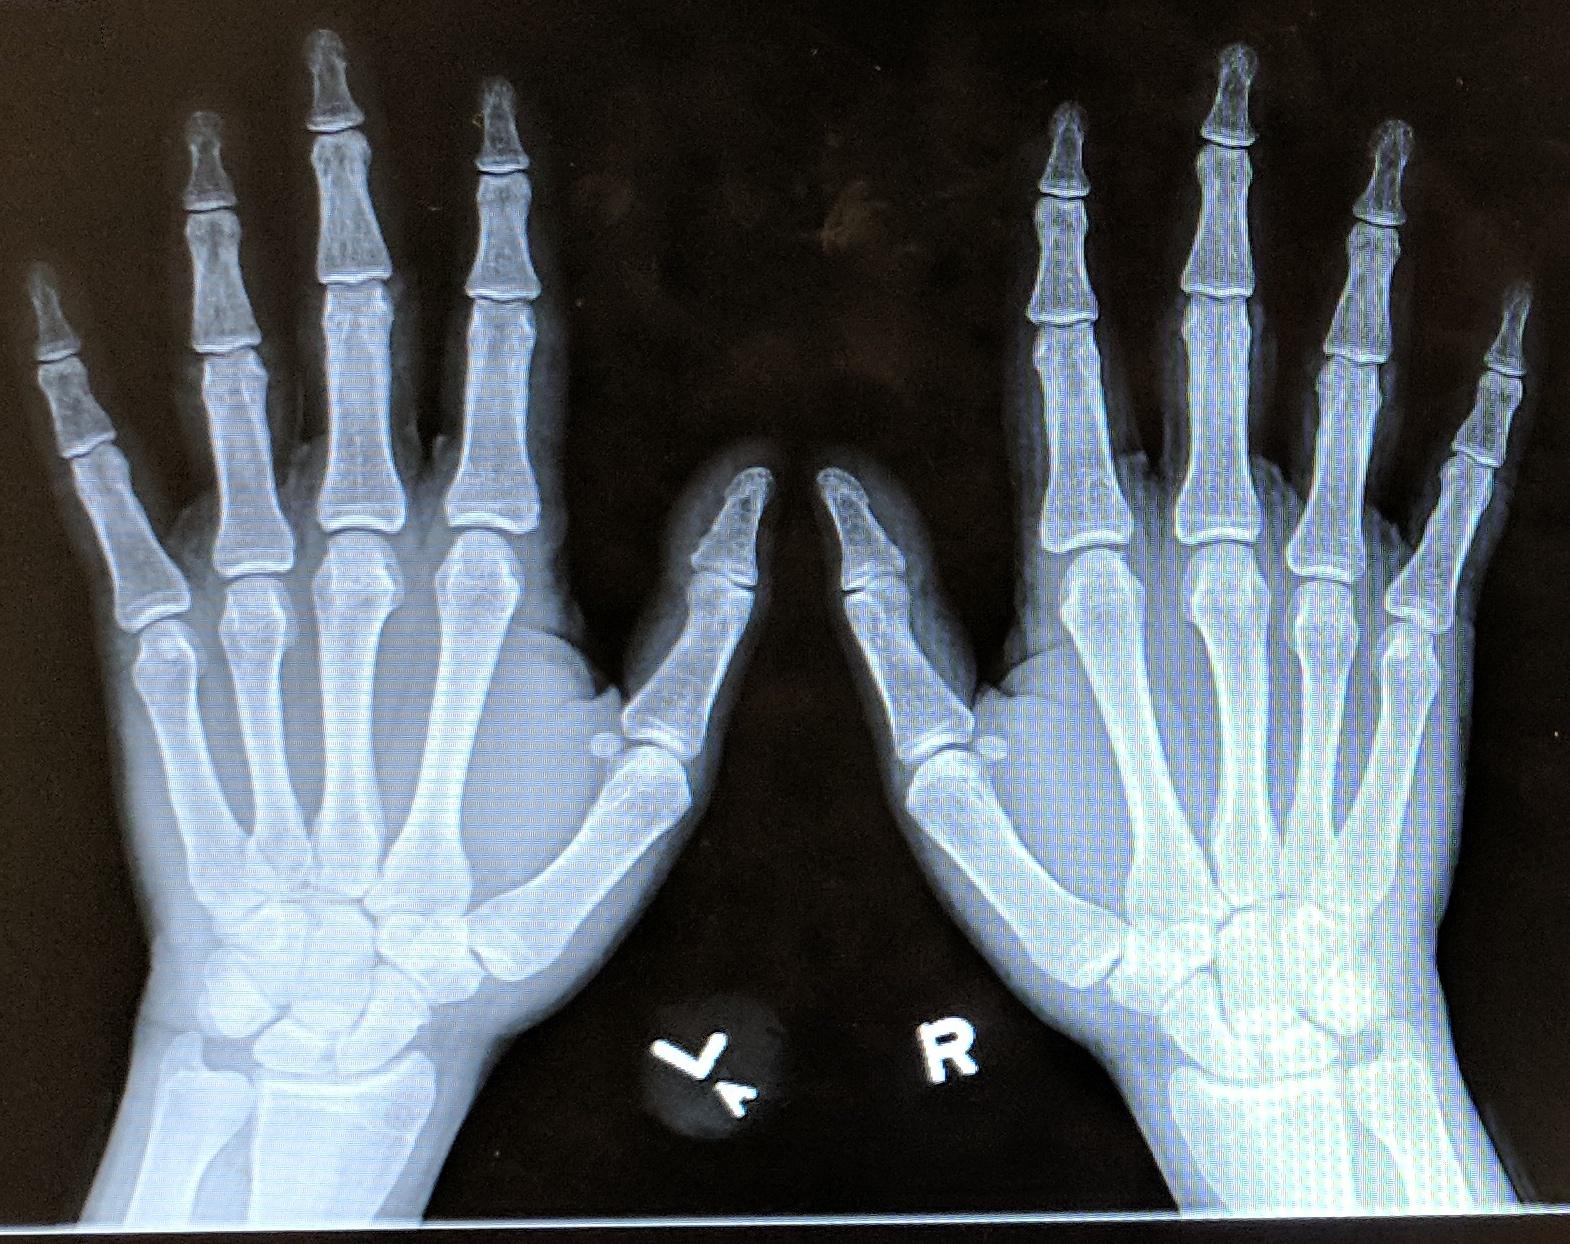 Future x-ray specs